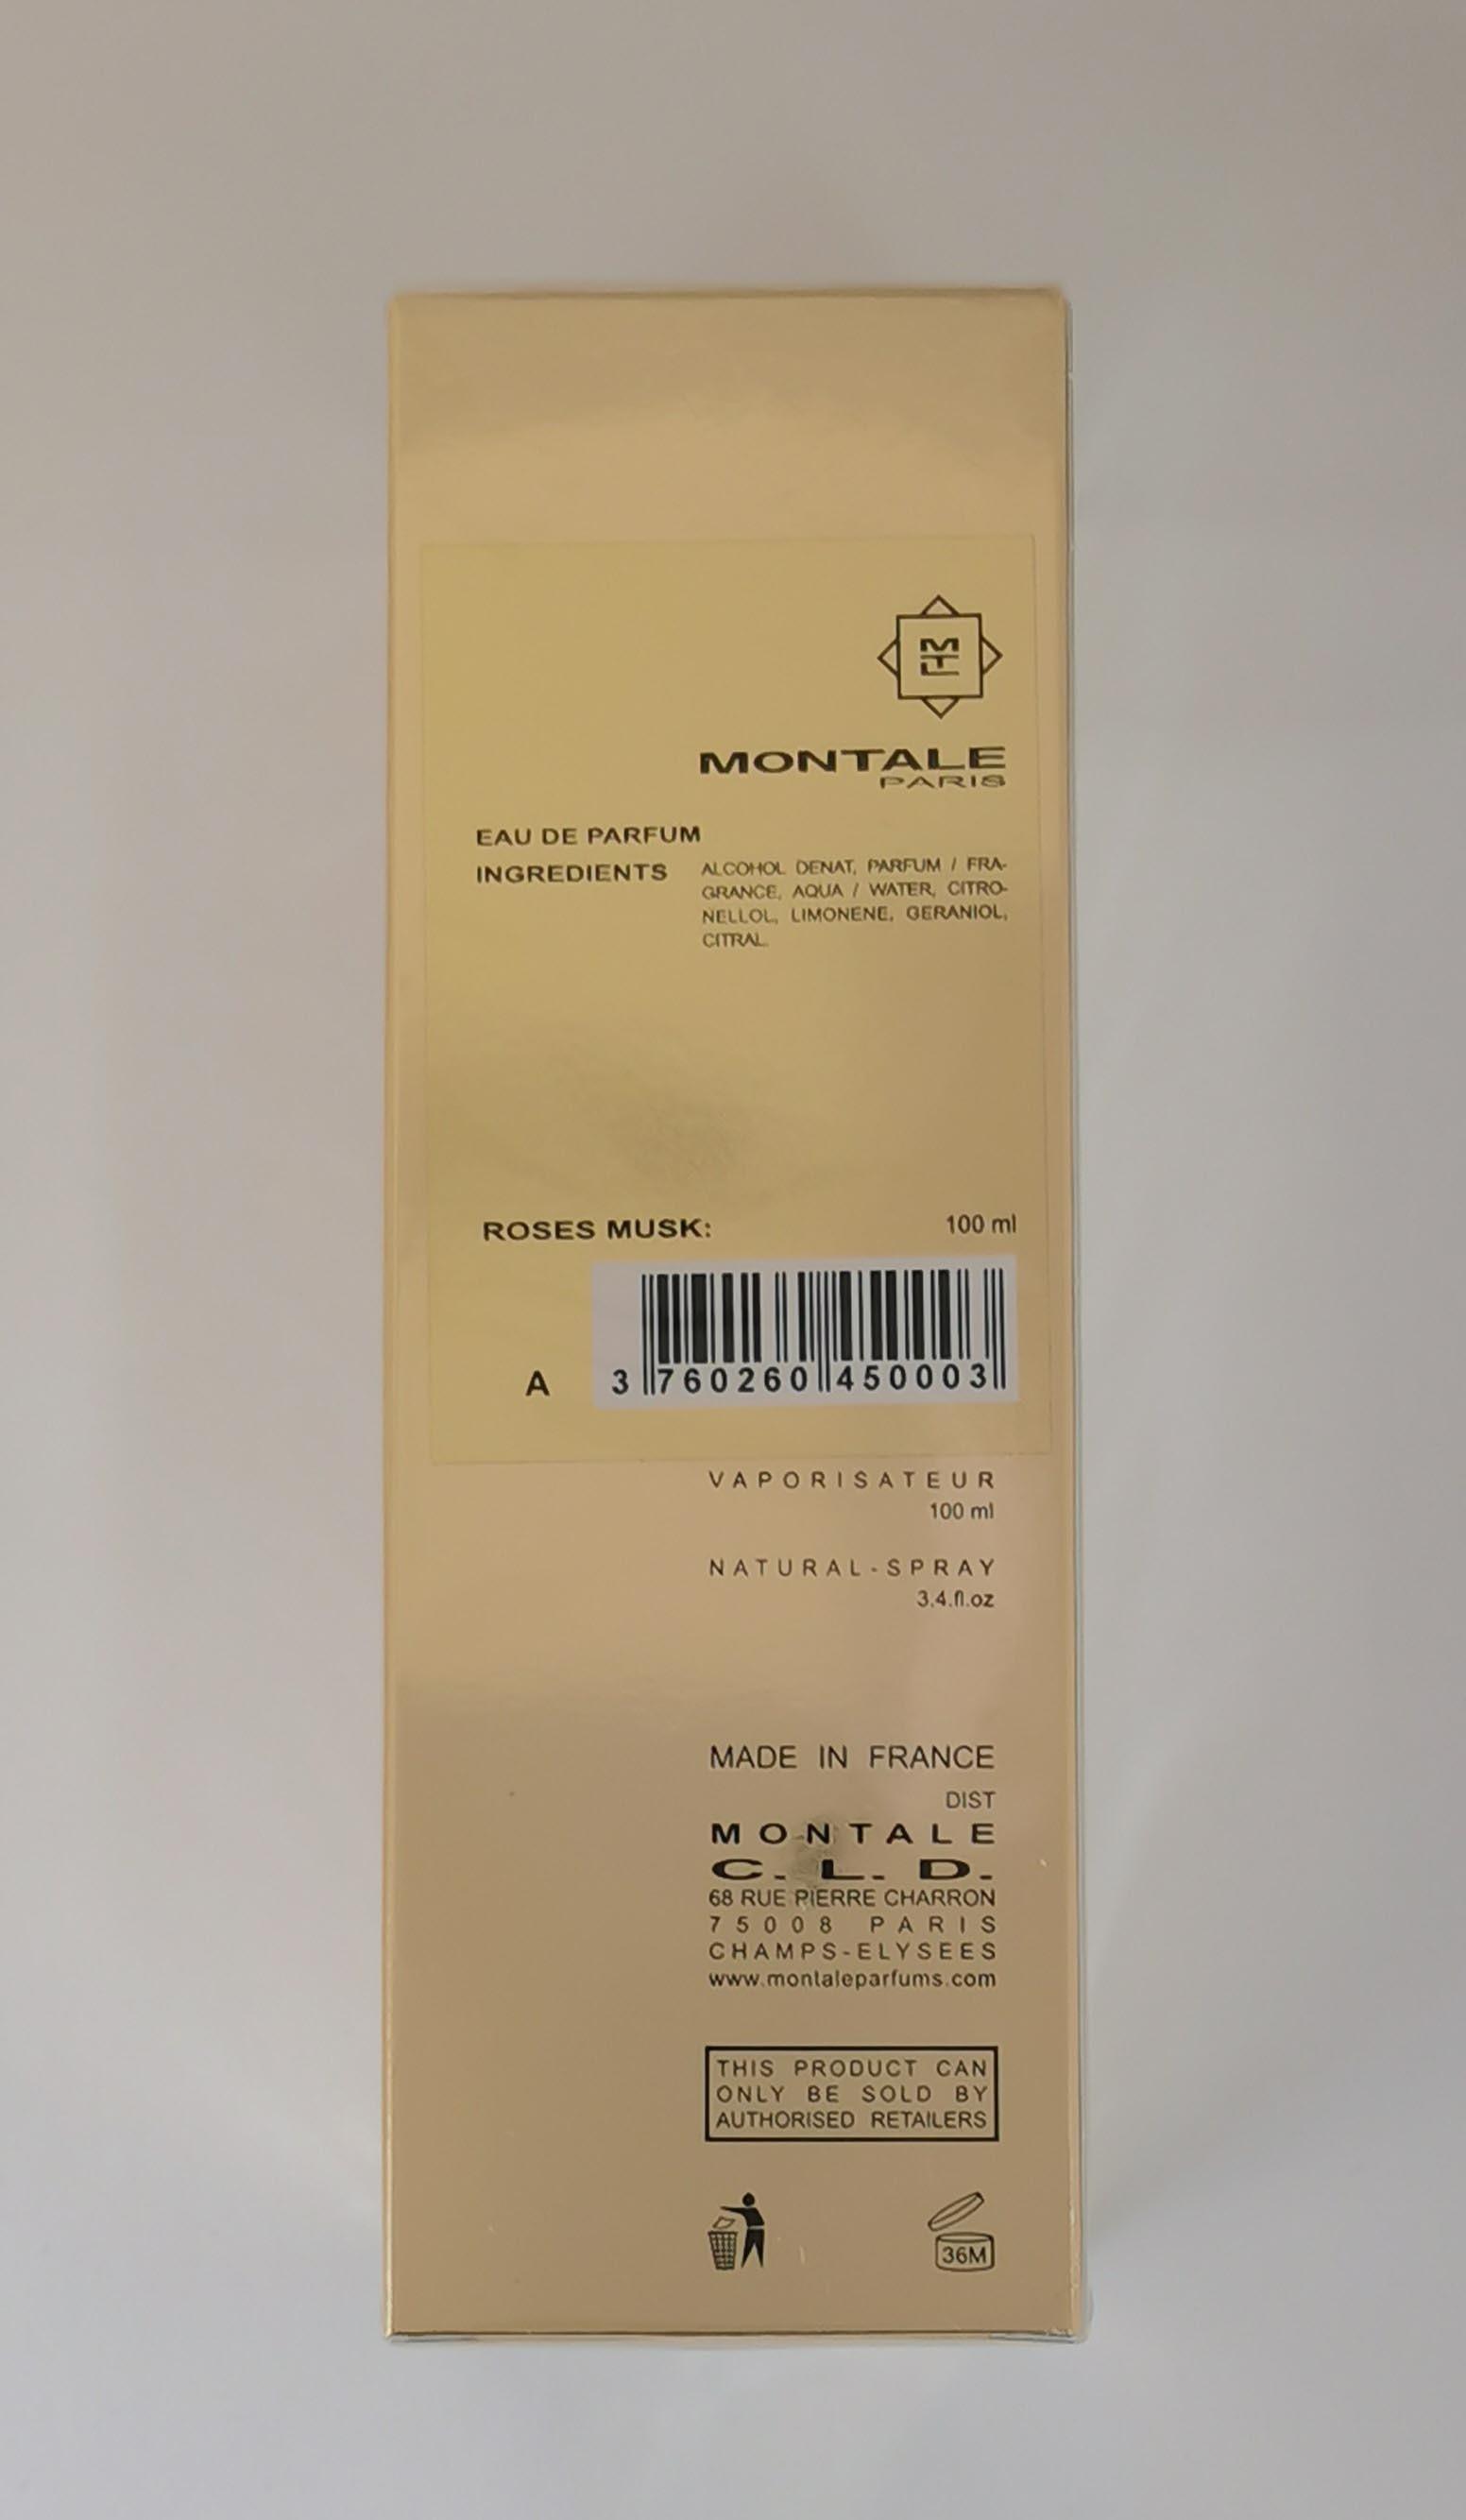 Парфюмерная вода 100 мл Montale Roses Musk - фото штрих-кода на коробке